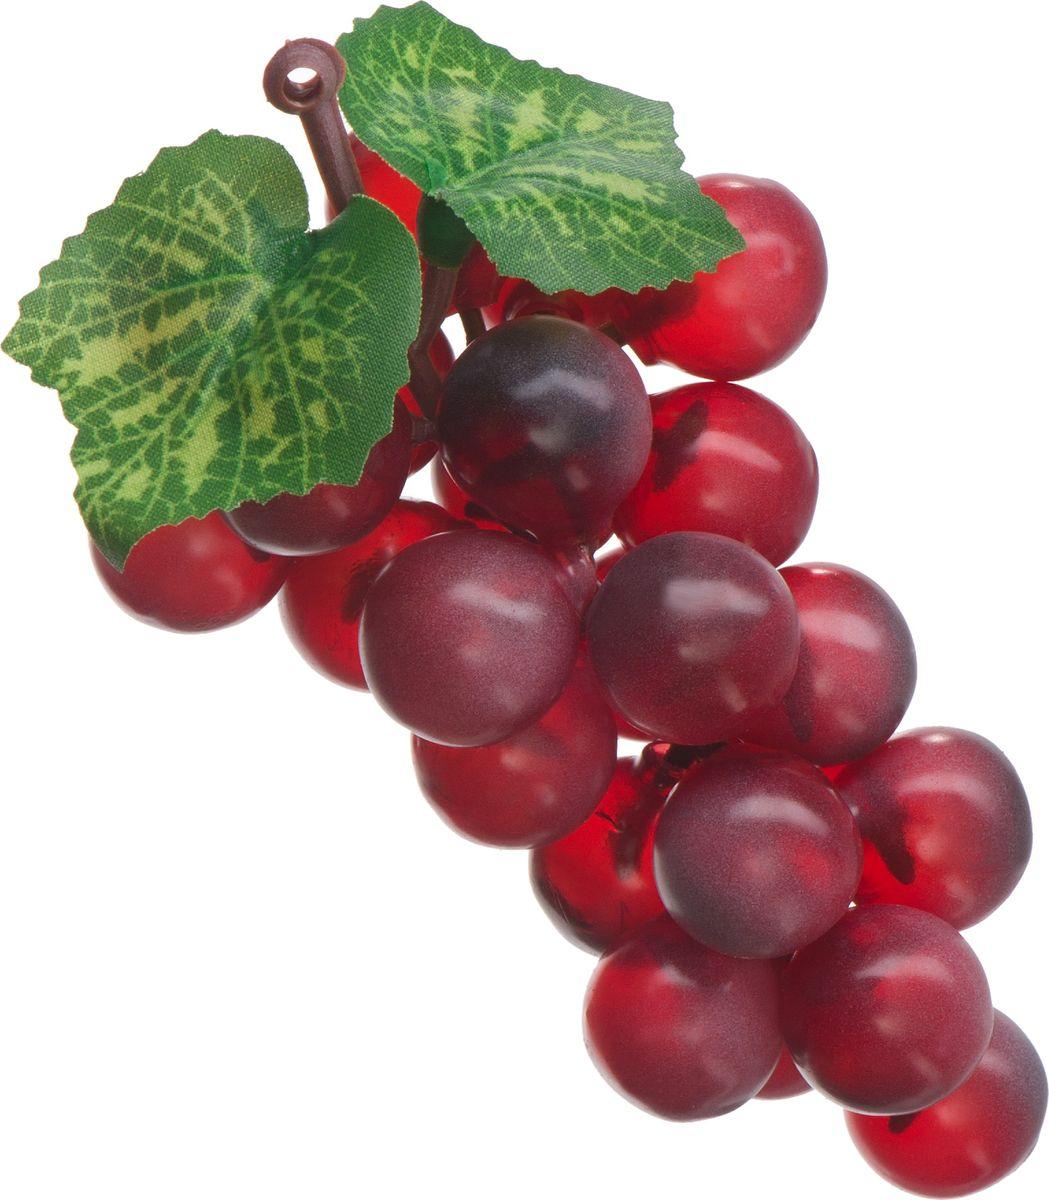 Муляж Engard Гроздь винограда, 14 смFR-11Муляж Engard Гроздь винограда - это идеальный способ украсить кухню или способ придать яркости интерьеру. Виноград выглядит реалистично, сочно и ярко. Благодаря высокому качеству виноград не потускнеет со временем.